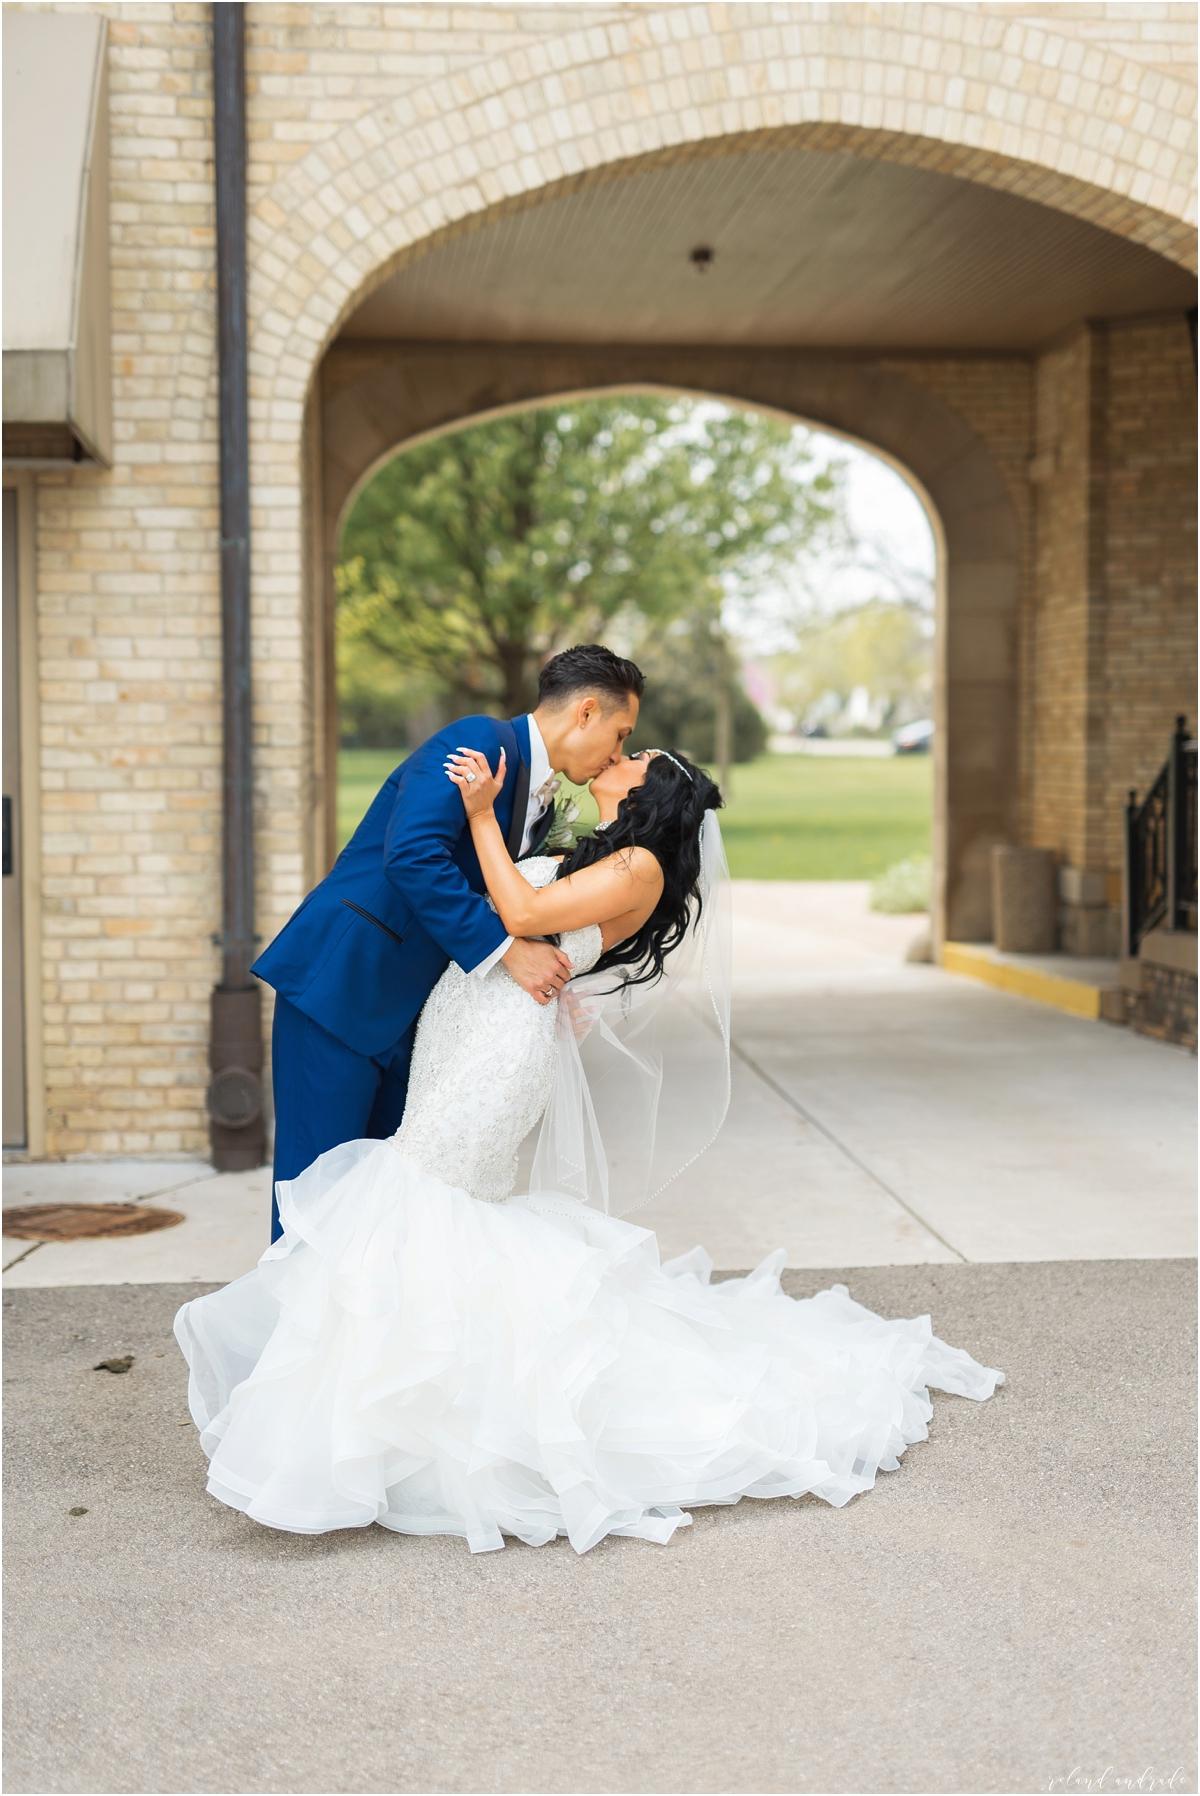 Italian American Society Wedding in Kenosha Wisconsin, Kenosha Wisconsin Wedding Photographer, Chicago Wedding Photography Kenosha Mexican Italian Wedding_0036.jpg